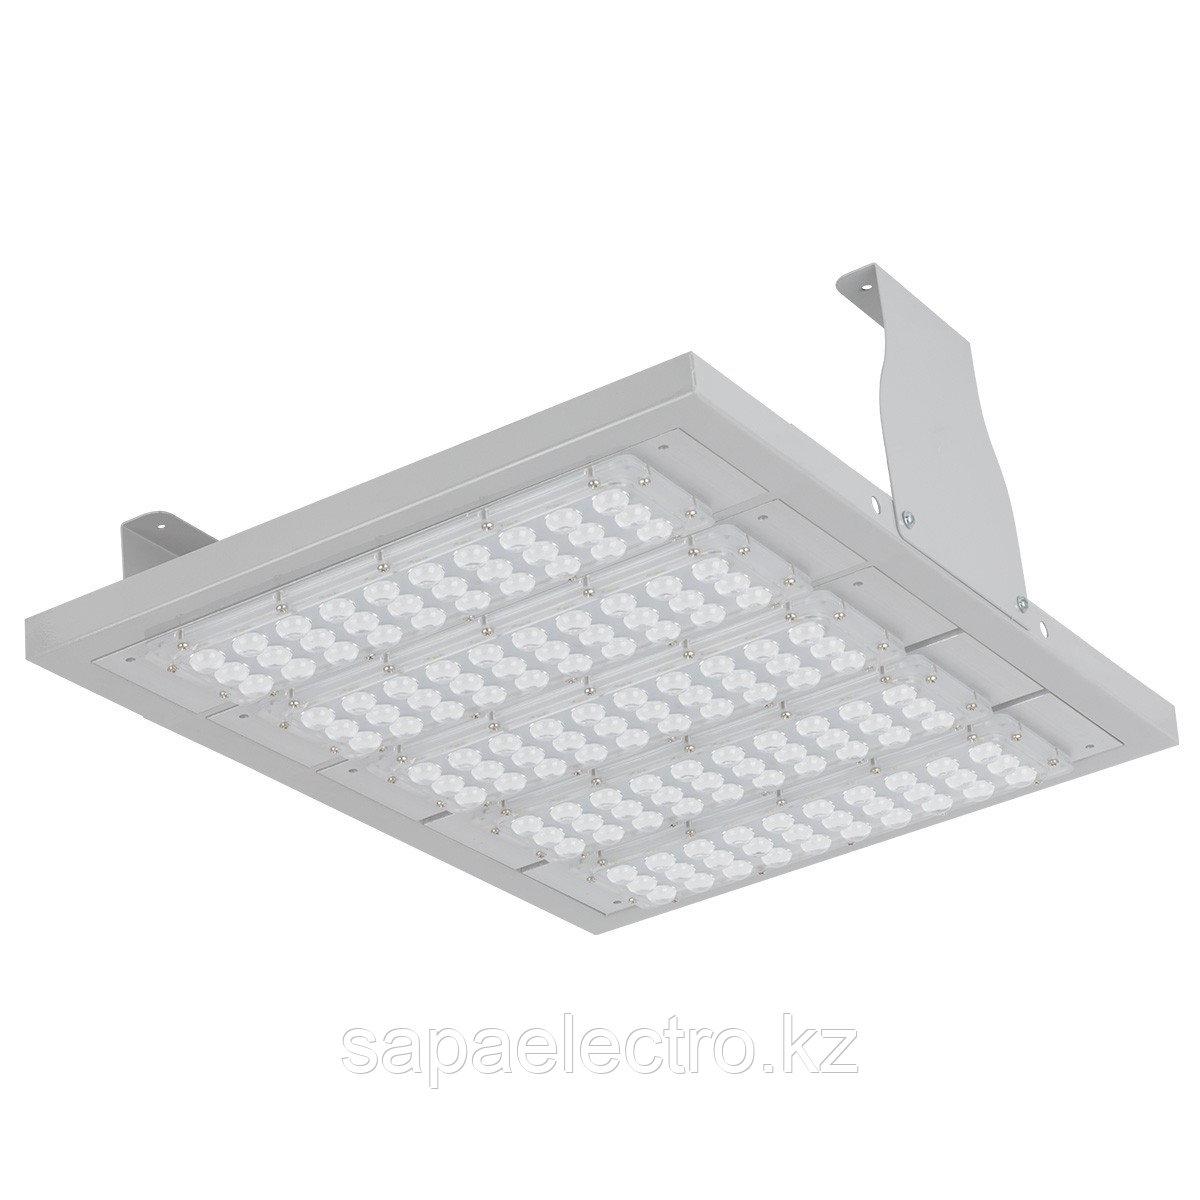 Свет-к LED AZS  SMART Подвесной 150W MGL (TS) 1шт